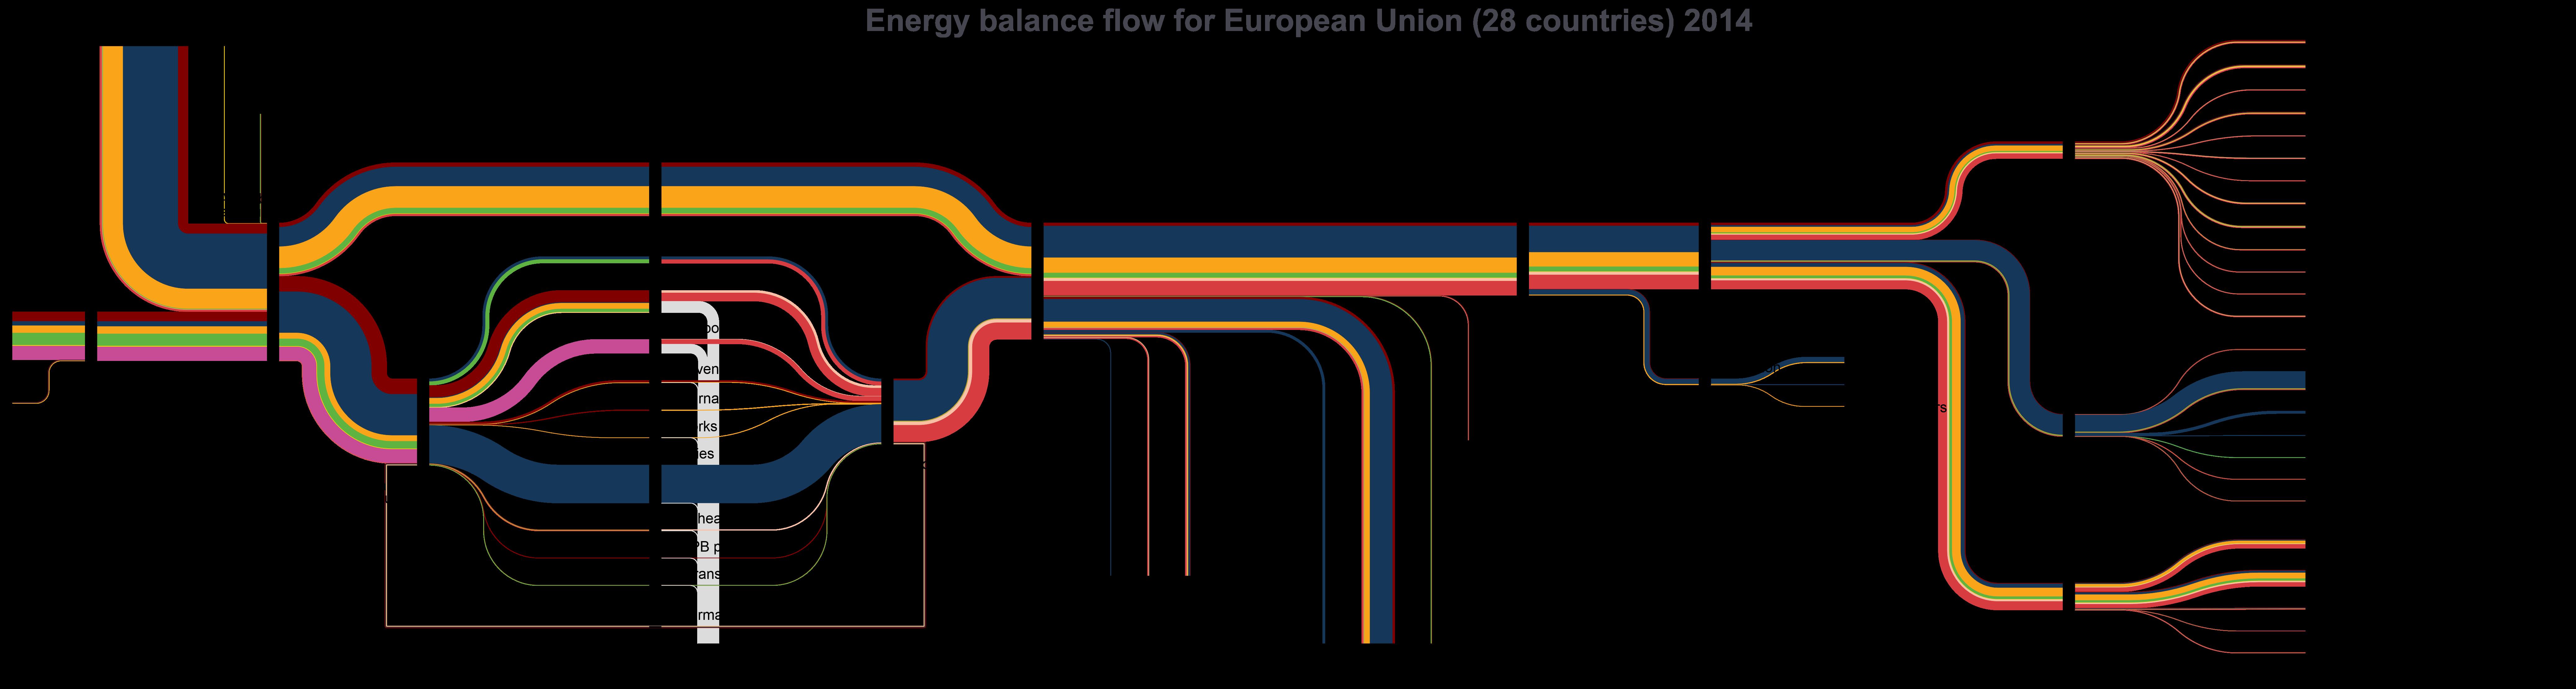 Energy balance statistics explained example of sankey diagram of complete energy balance of eurostat source eurostat nrg110a ccuart Choice Image